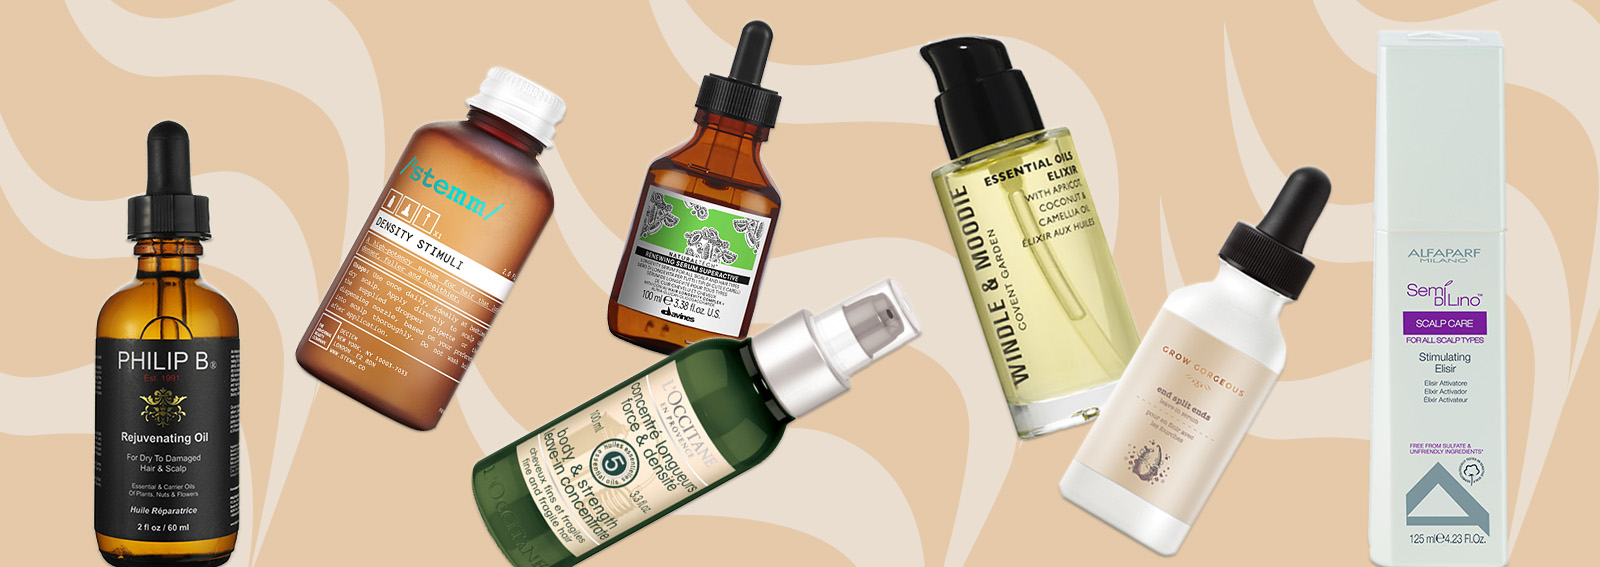 Sieri per capelli: rivitalizzanti, anti age e per cute sensibile